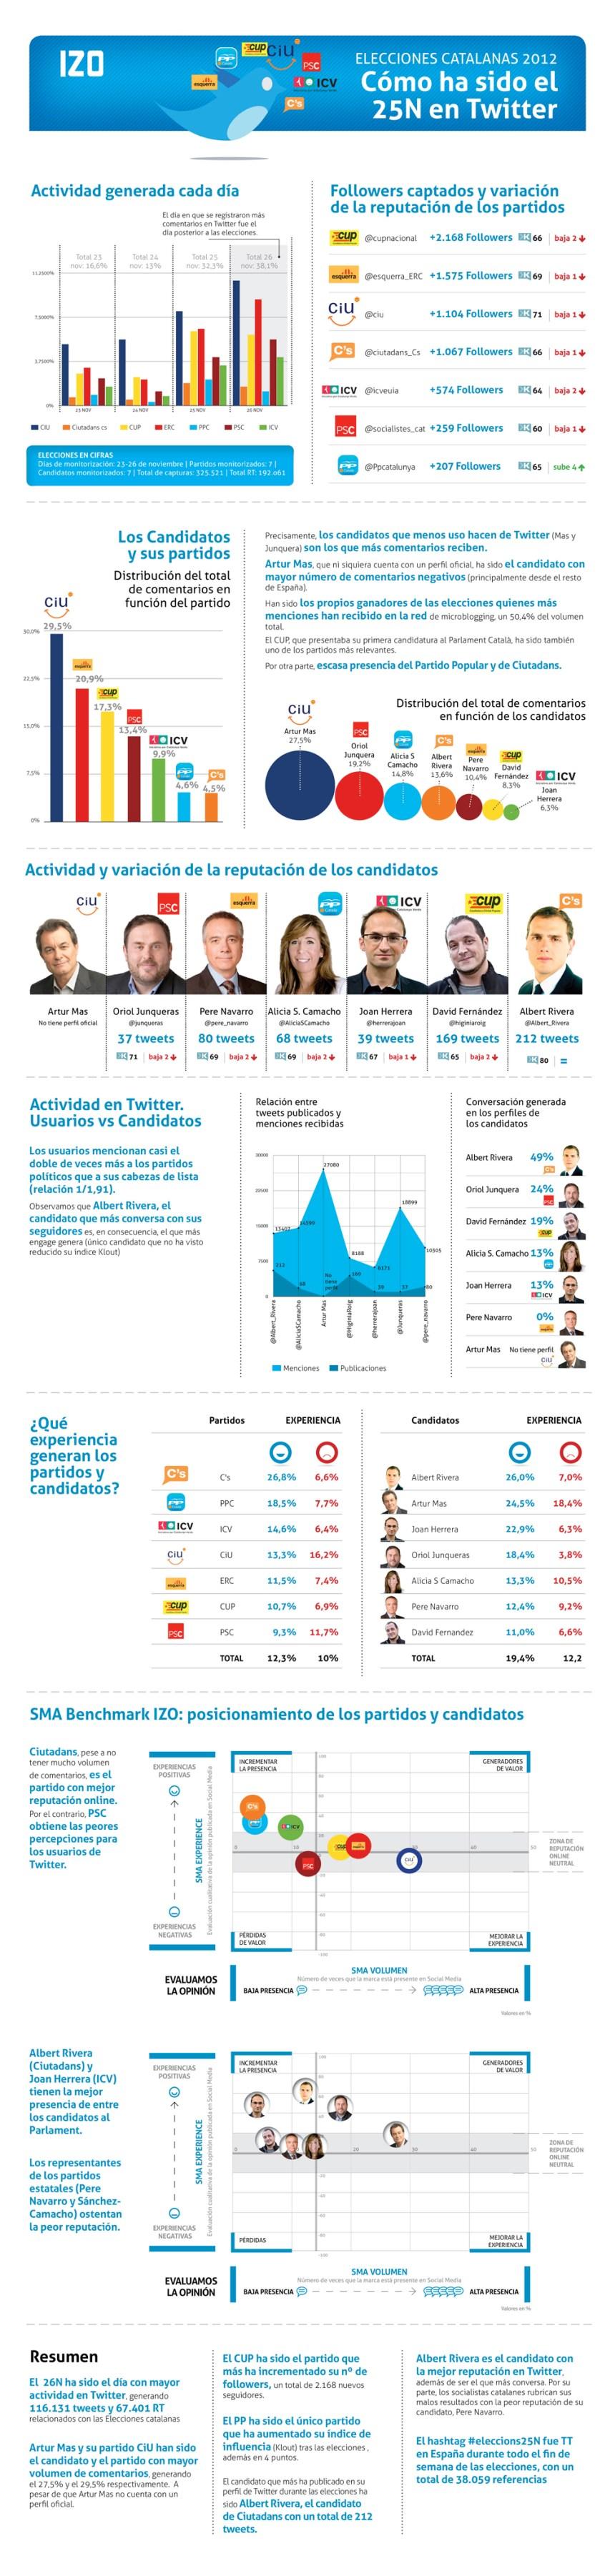 Impacto elecciones catalanas 2012 en Twitter